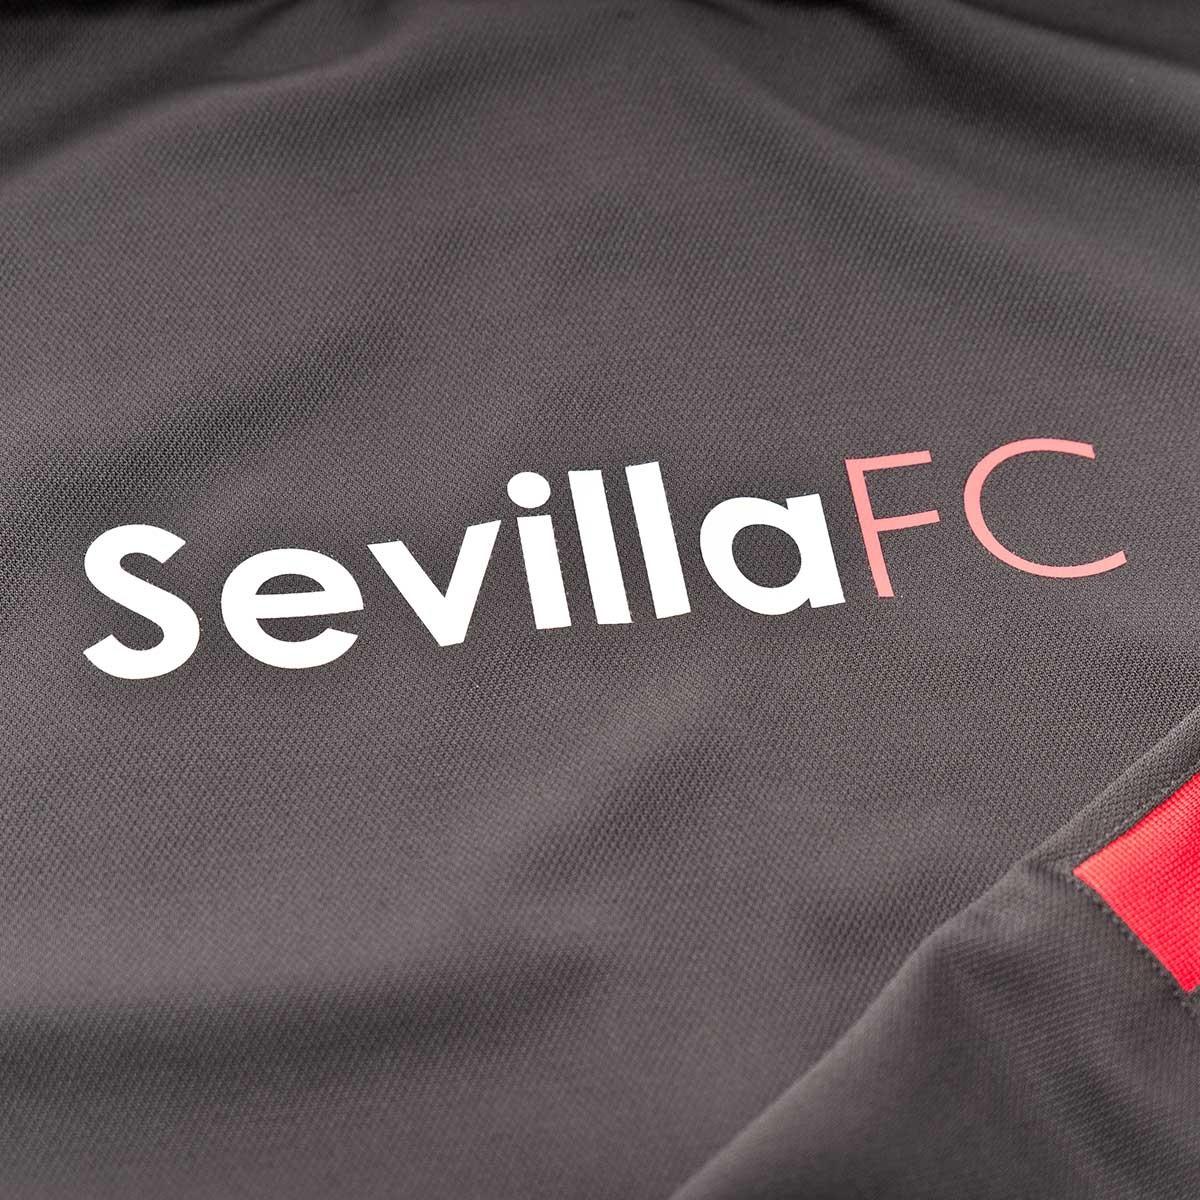 c51babb4 Chándal Nike Sevilla FC 2018-2019 Niño Grey - Tienda de fútbol Fútbol  Emotion